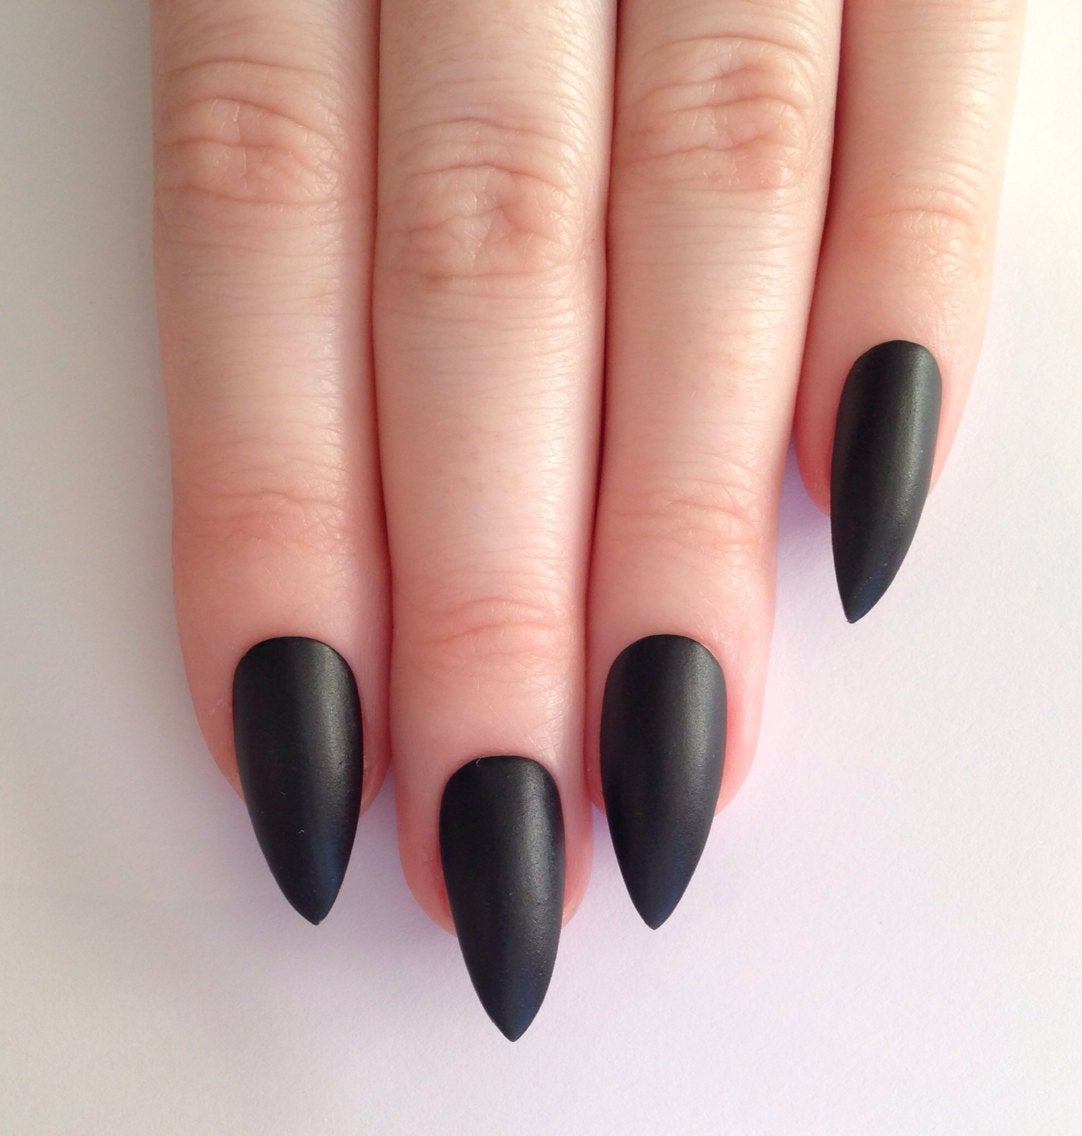 stiletto nails black photo - 2